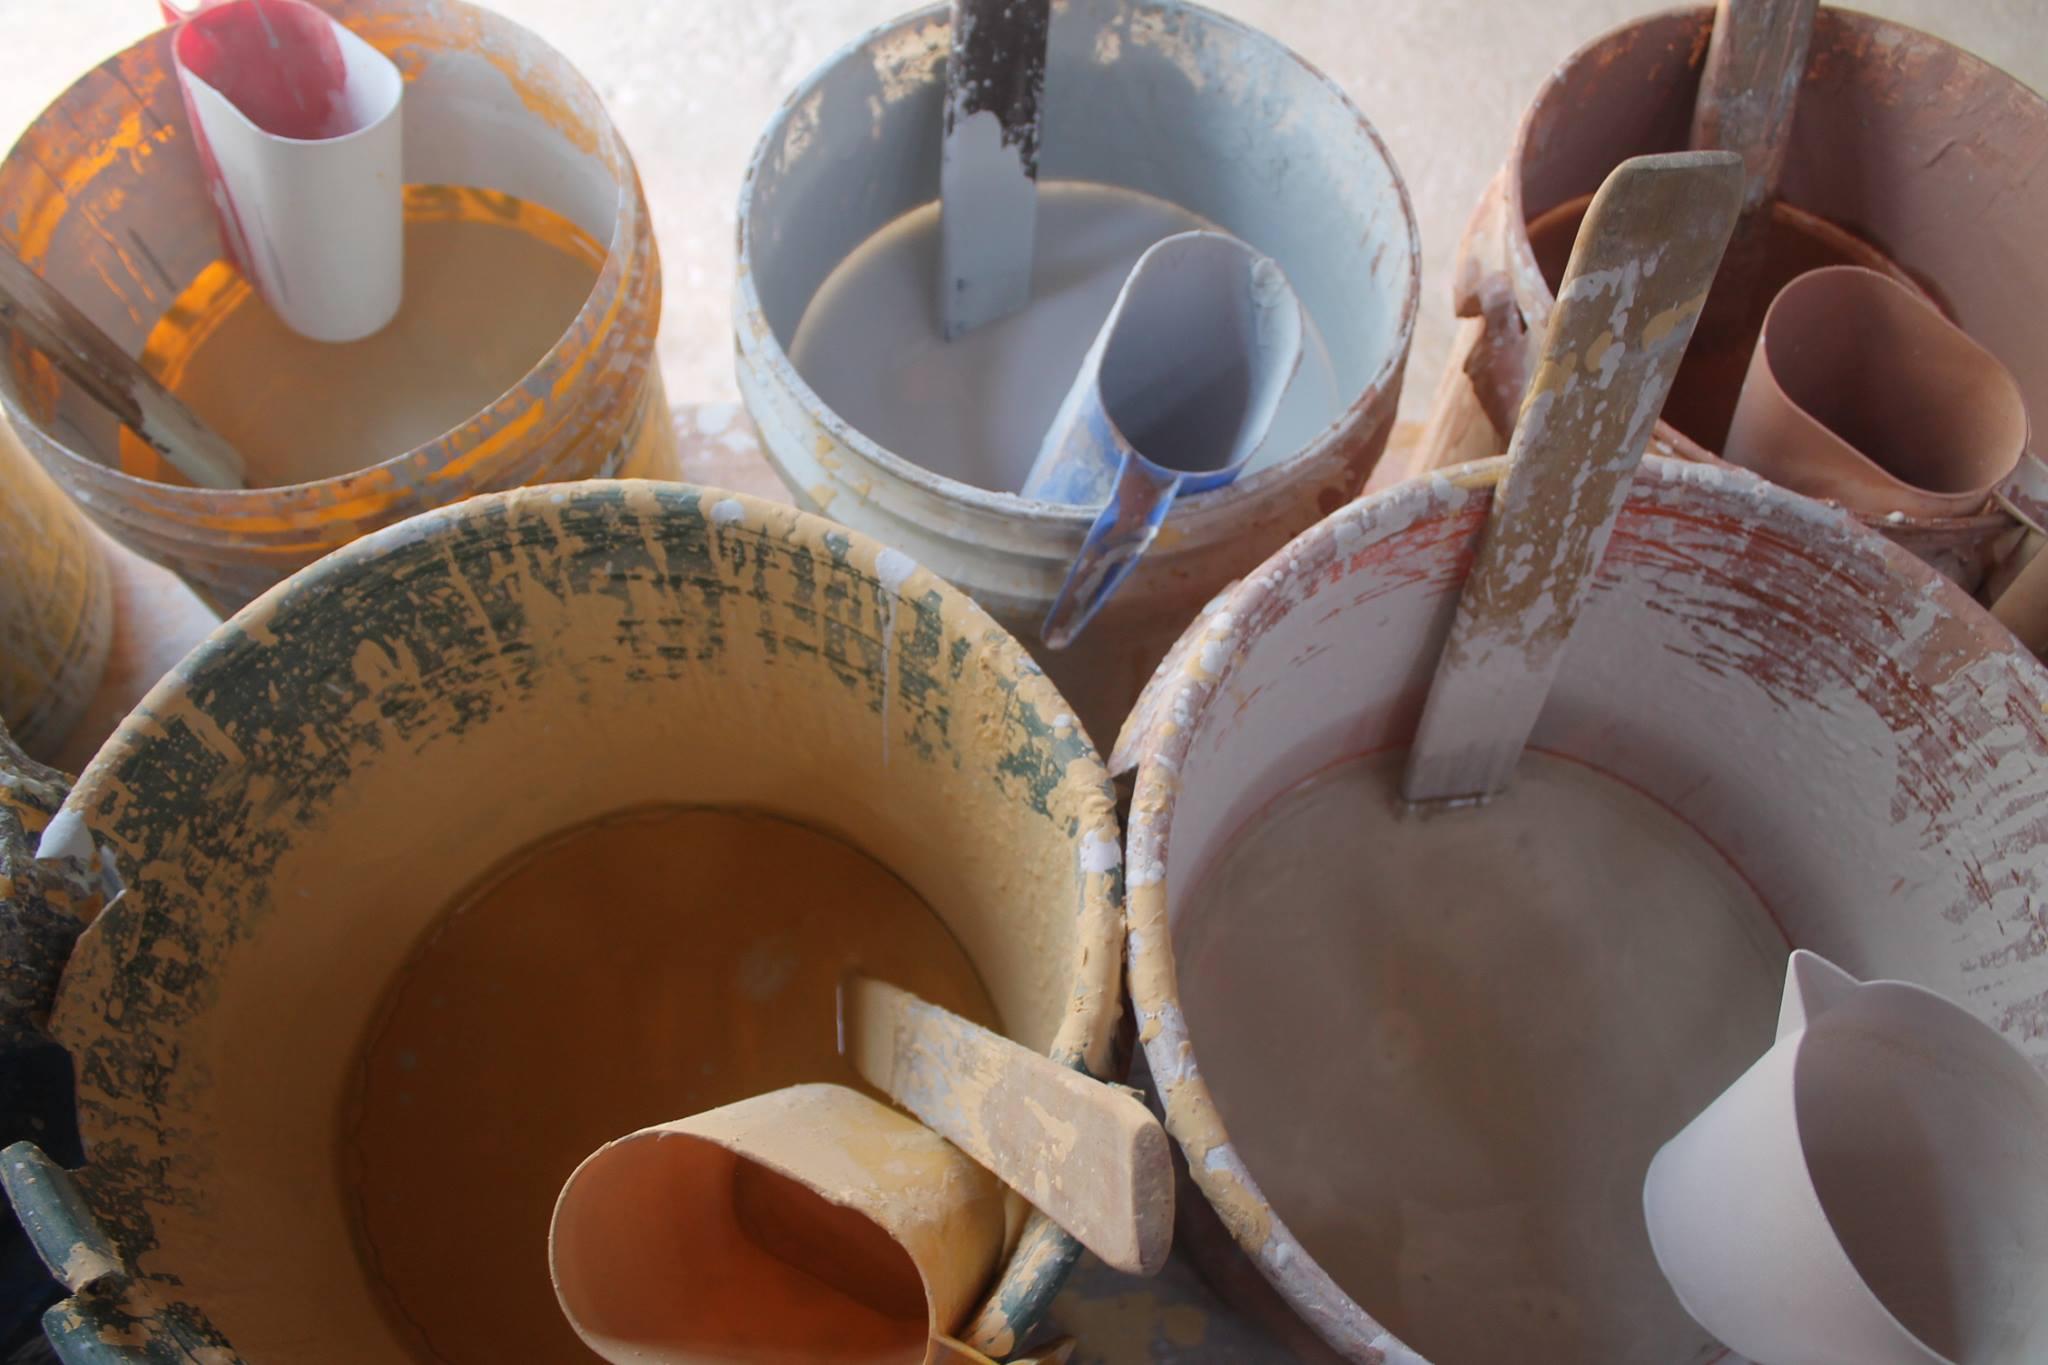 Esmaltes de cerâmica na Oficina da Cerâmica em Cunha - SP